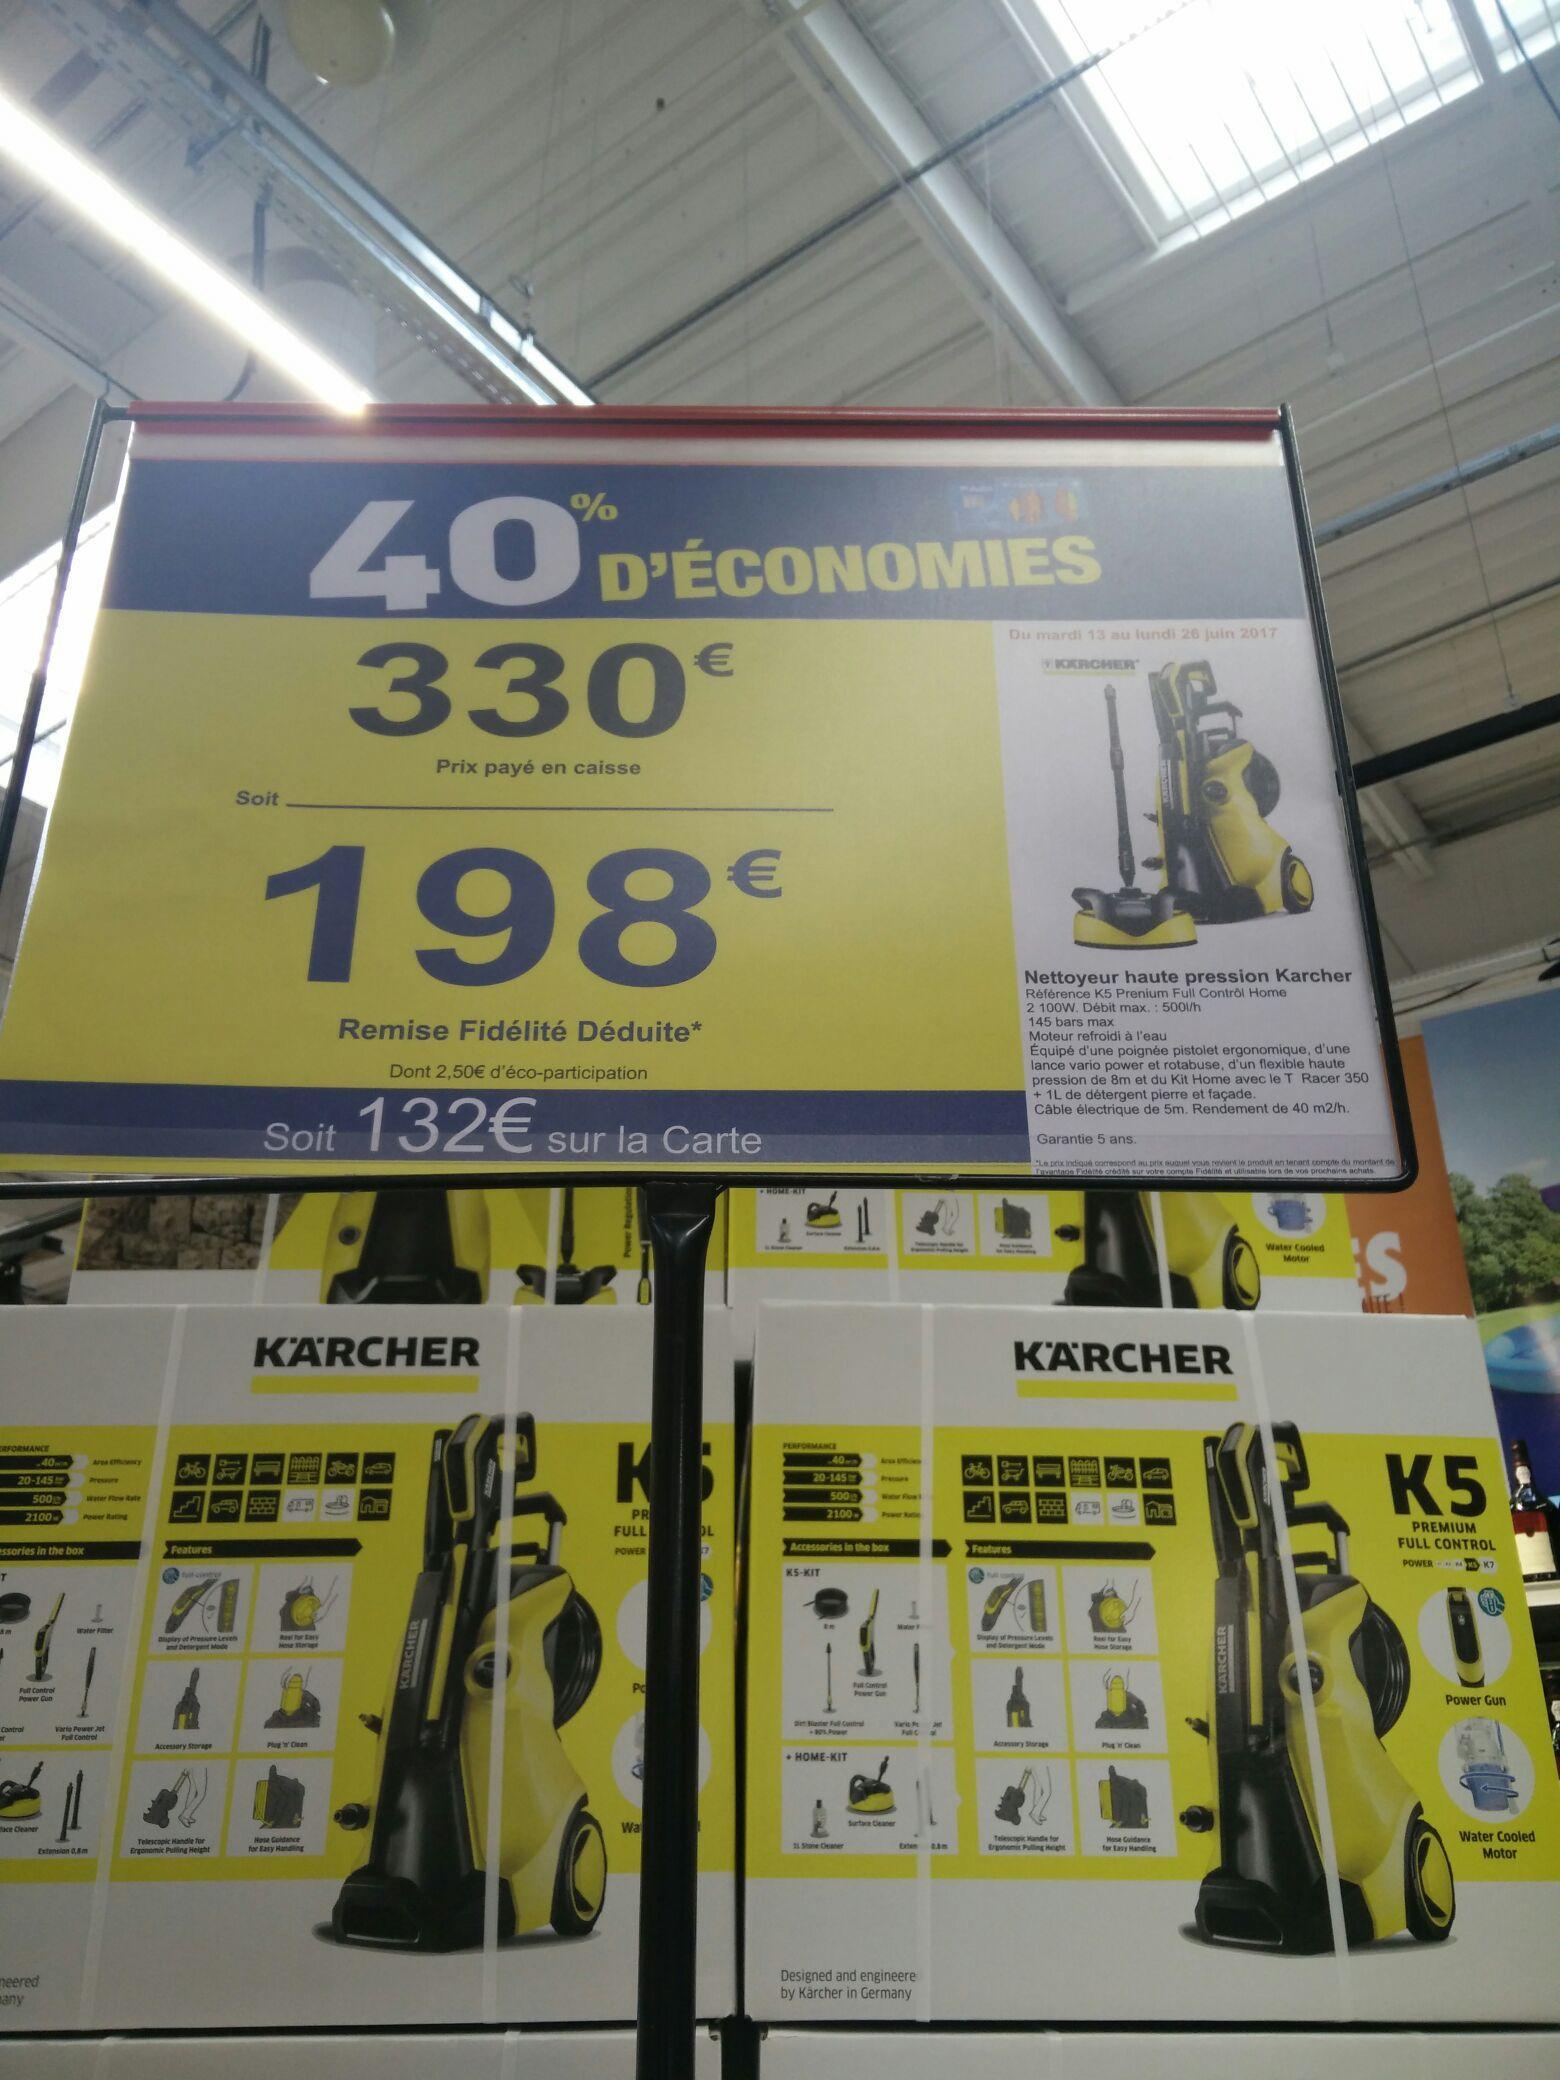 Nettoyeur haute pression Karcher K5 Premium Full Control (via 132€ sur la carte)